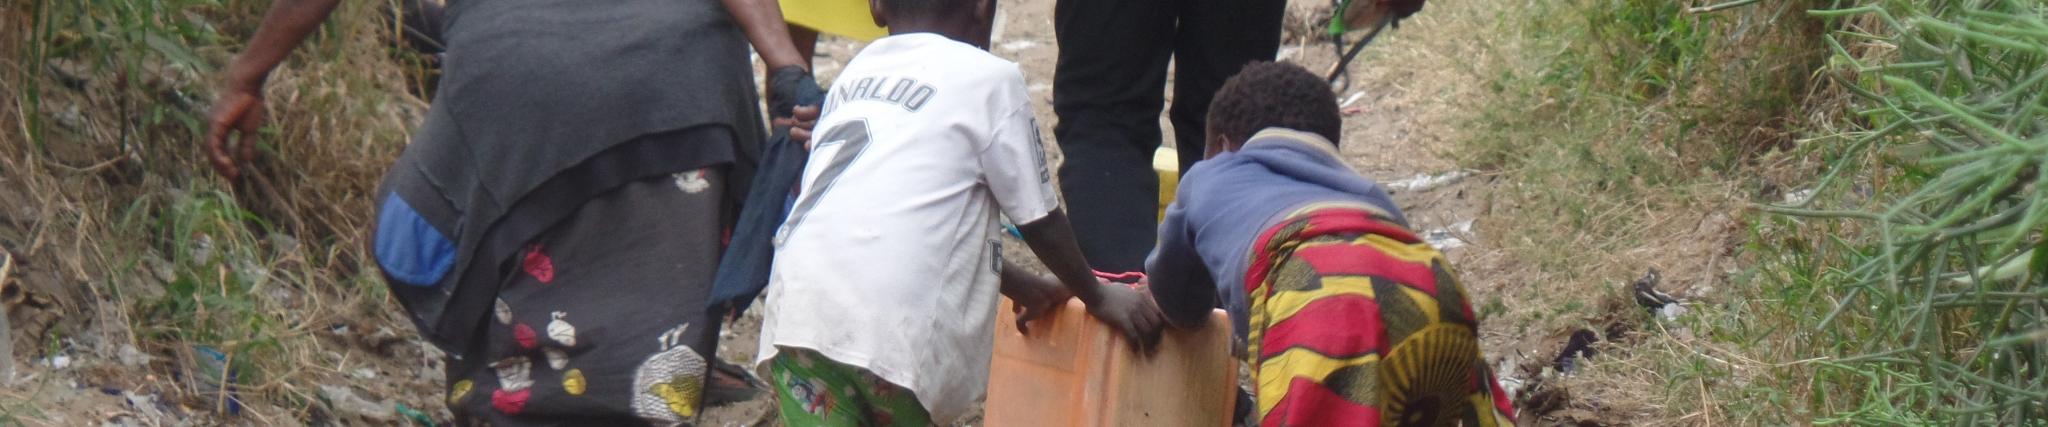 ONG LAFRIKULTURE: VENONS EN AIDE AUX ORPHELINS ABANDONNES AFRICAINS